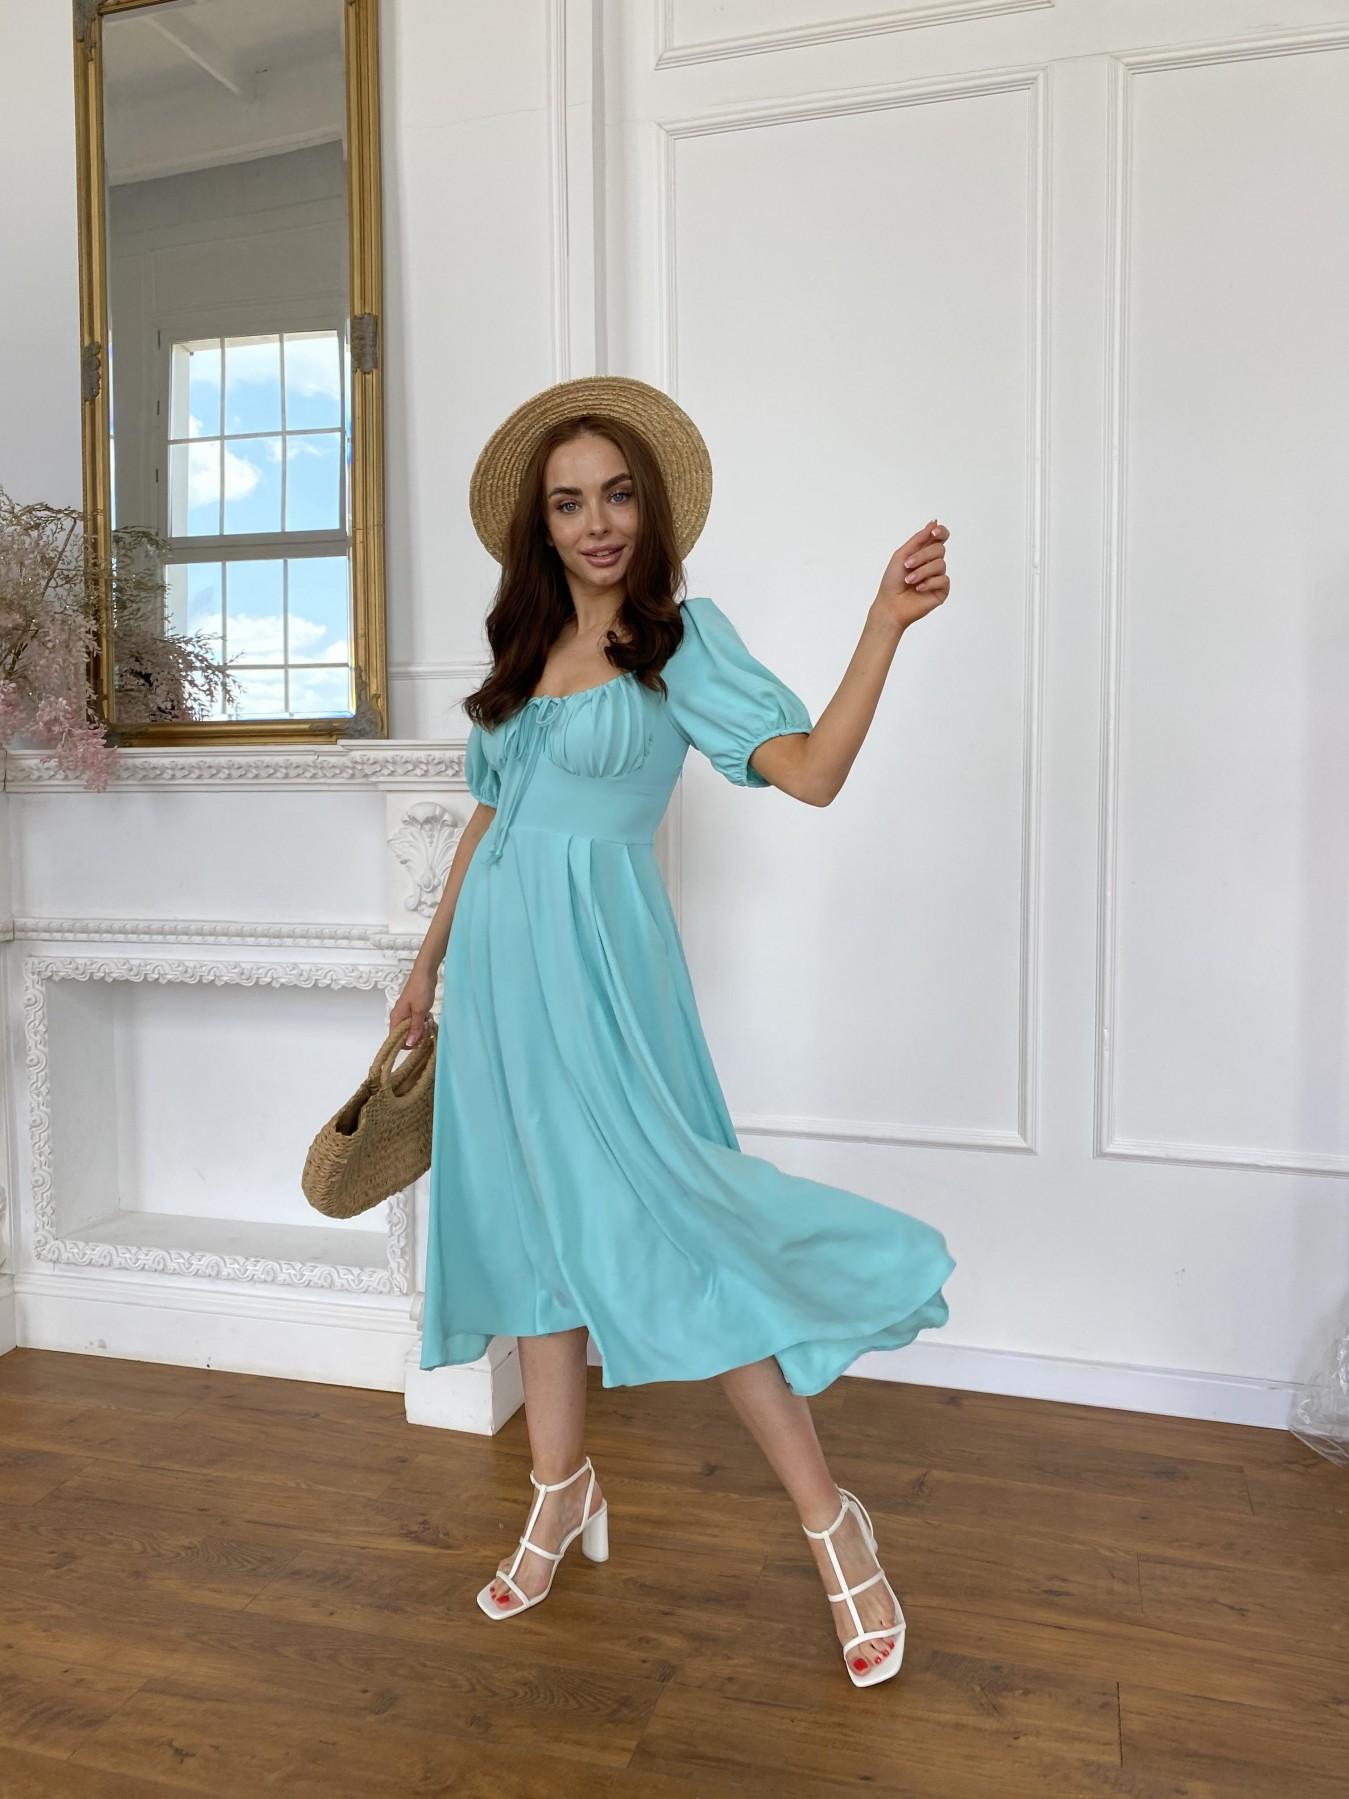 Кисес Миди платье из крепа х/б стрейч 11577 АРТ. 48254 Цвет: Мята - фото 2, интернет магазин tm-modus.ru